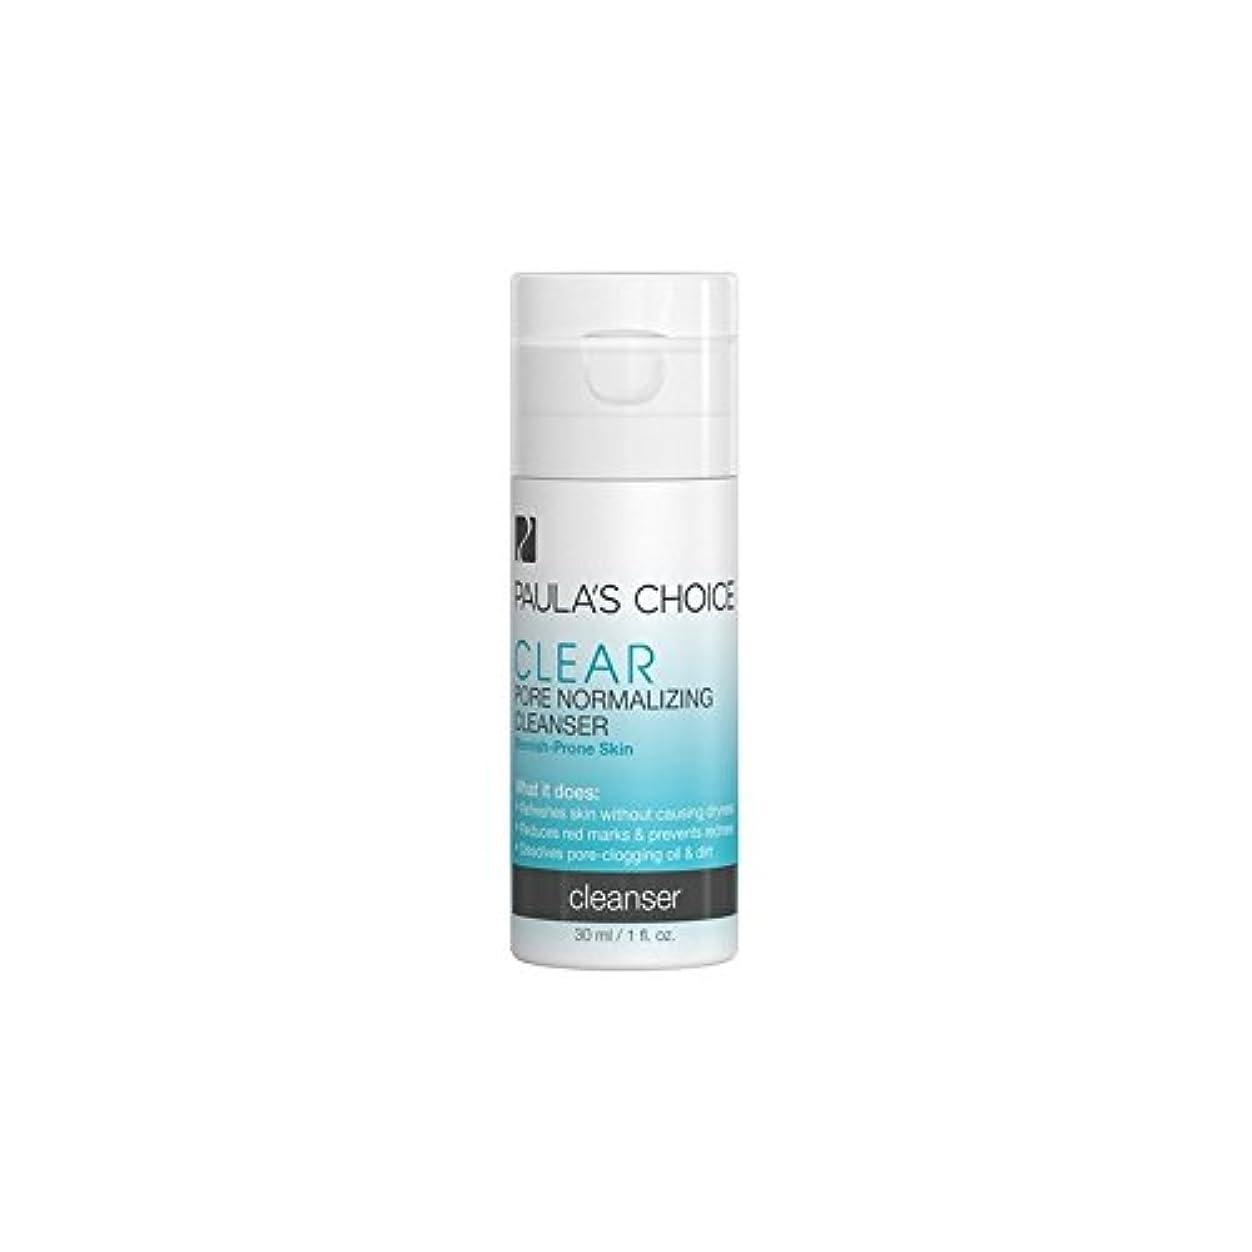 マナー遊具取り出すポーラチョイス明確な細孔正規クレンザー - お試しサイズ(30ミリリットル) x2 - Paula's Choice Clear Pore Normalizing Cleanser - Trial Size (30ml)...